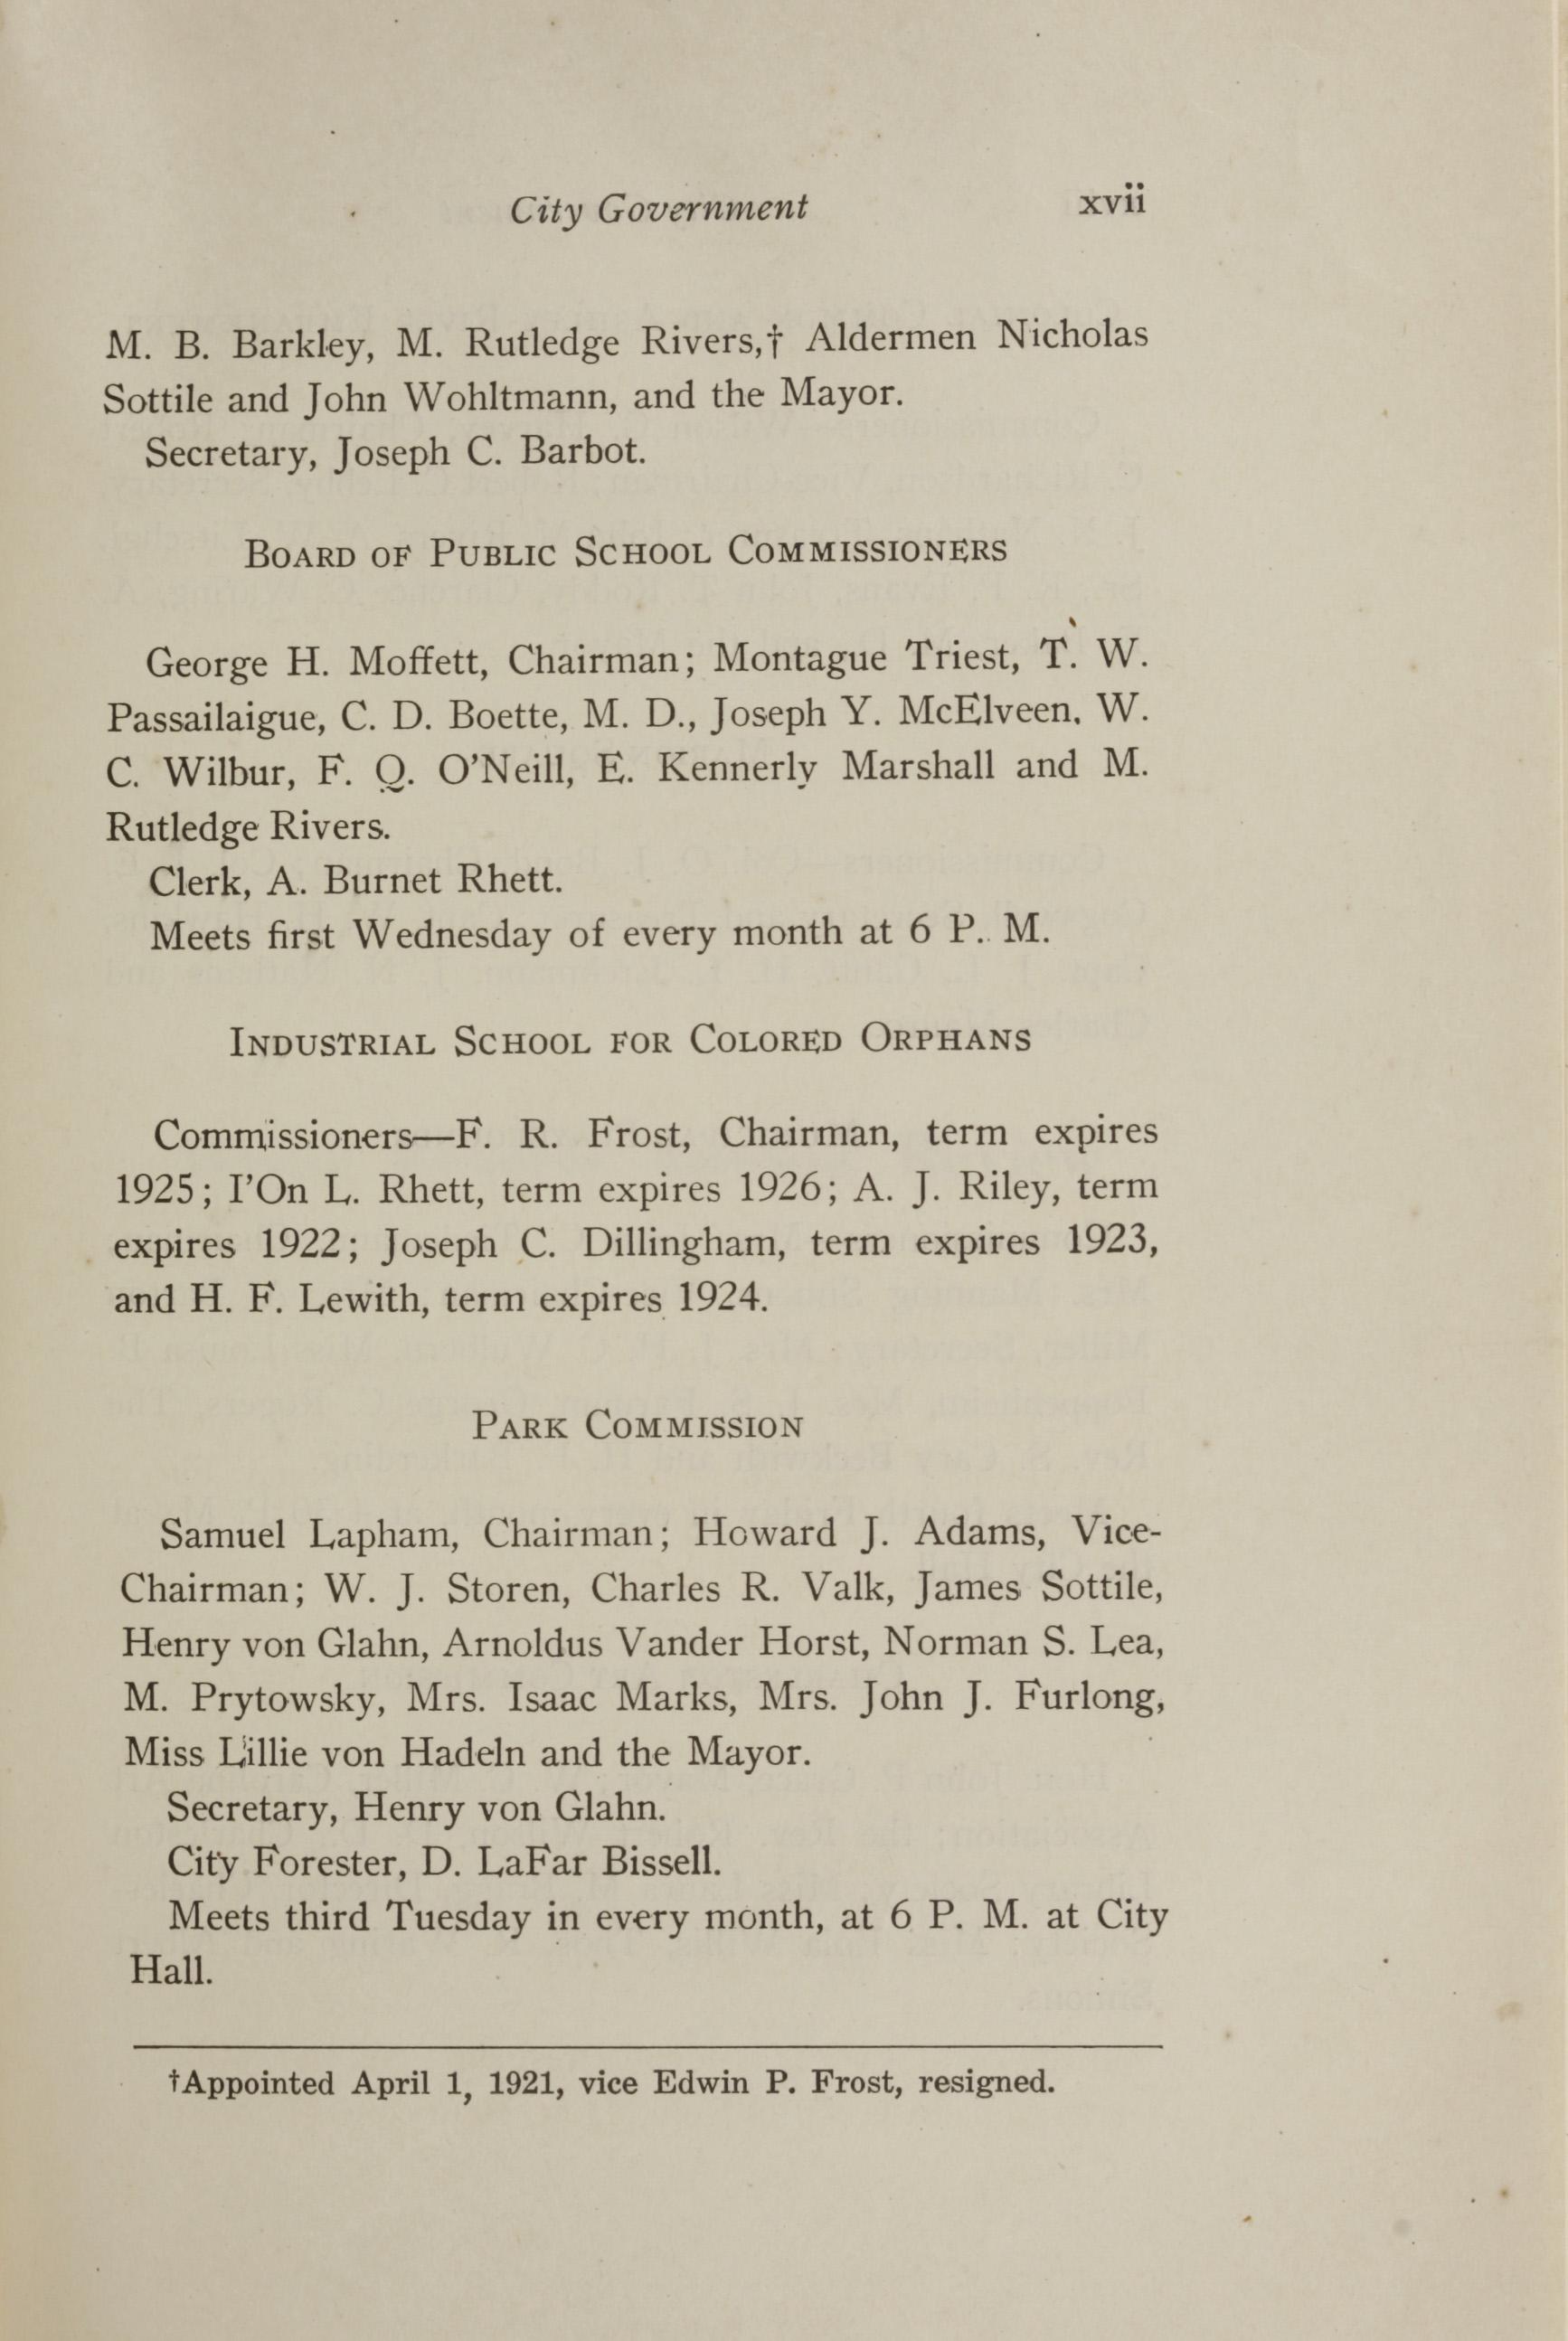 Charleston Yearbook, 1921, page xvii